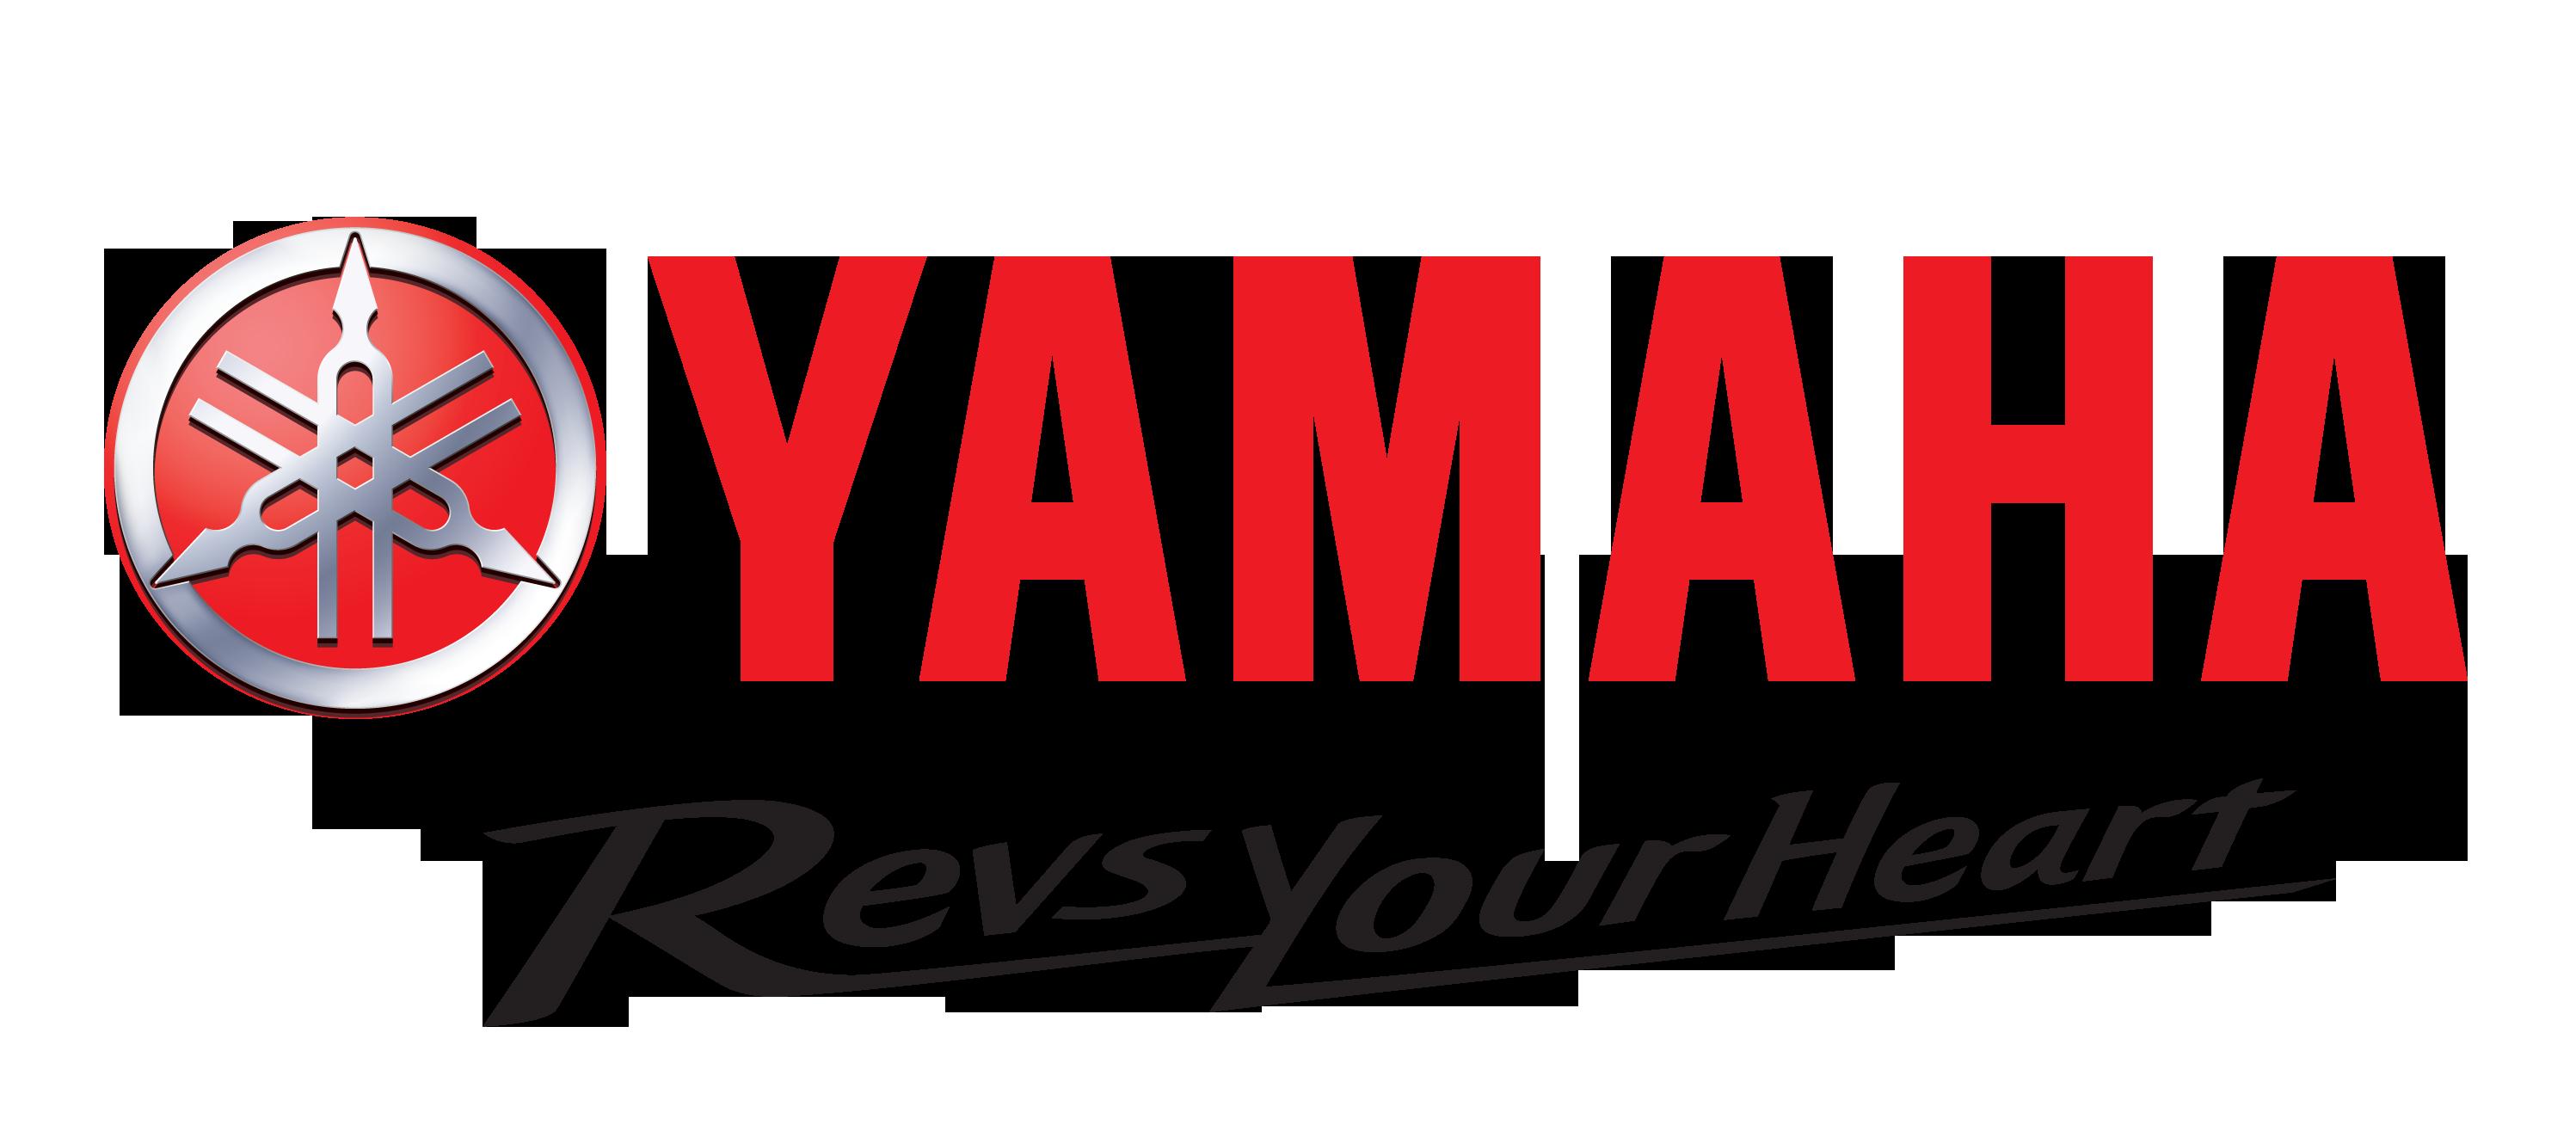 Afbeeldingsresultaat voor yamaha logo